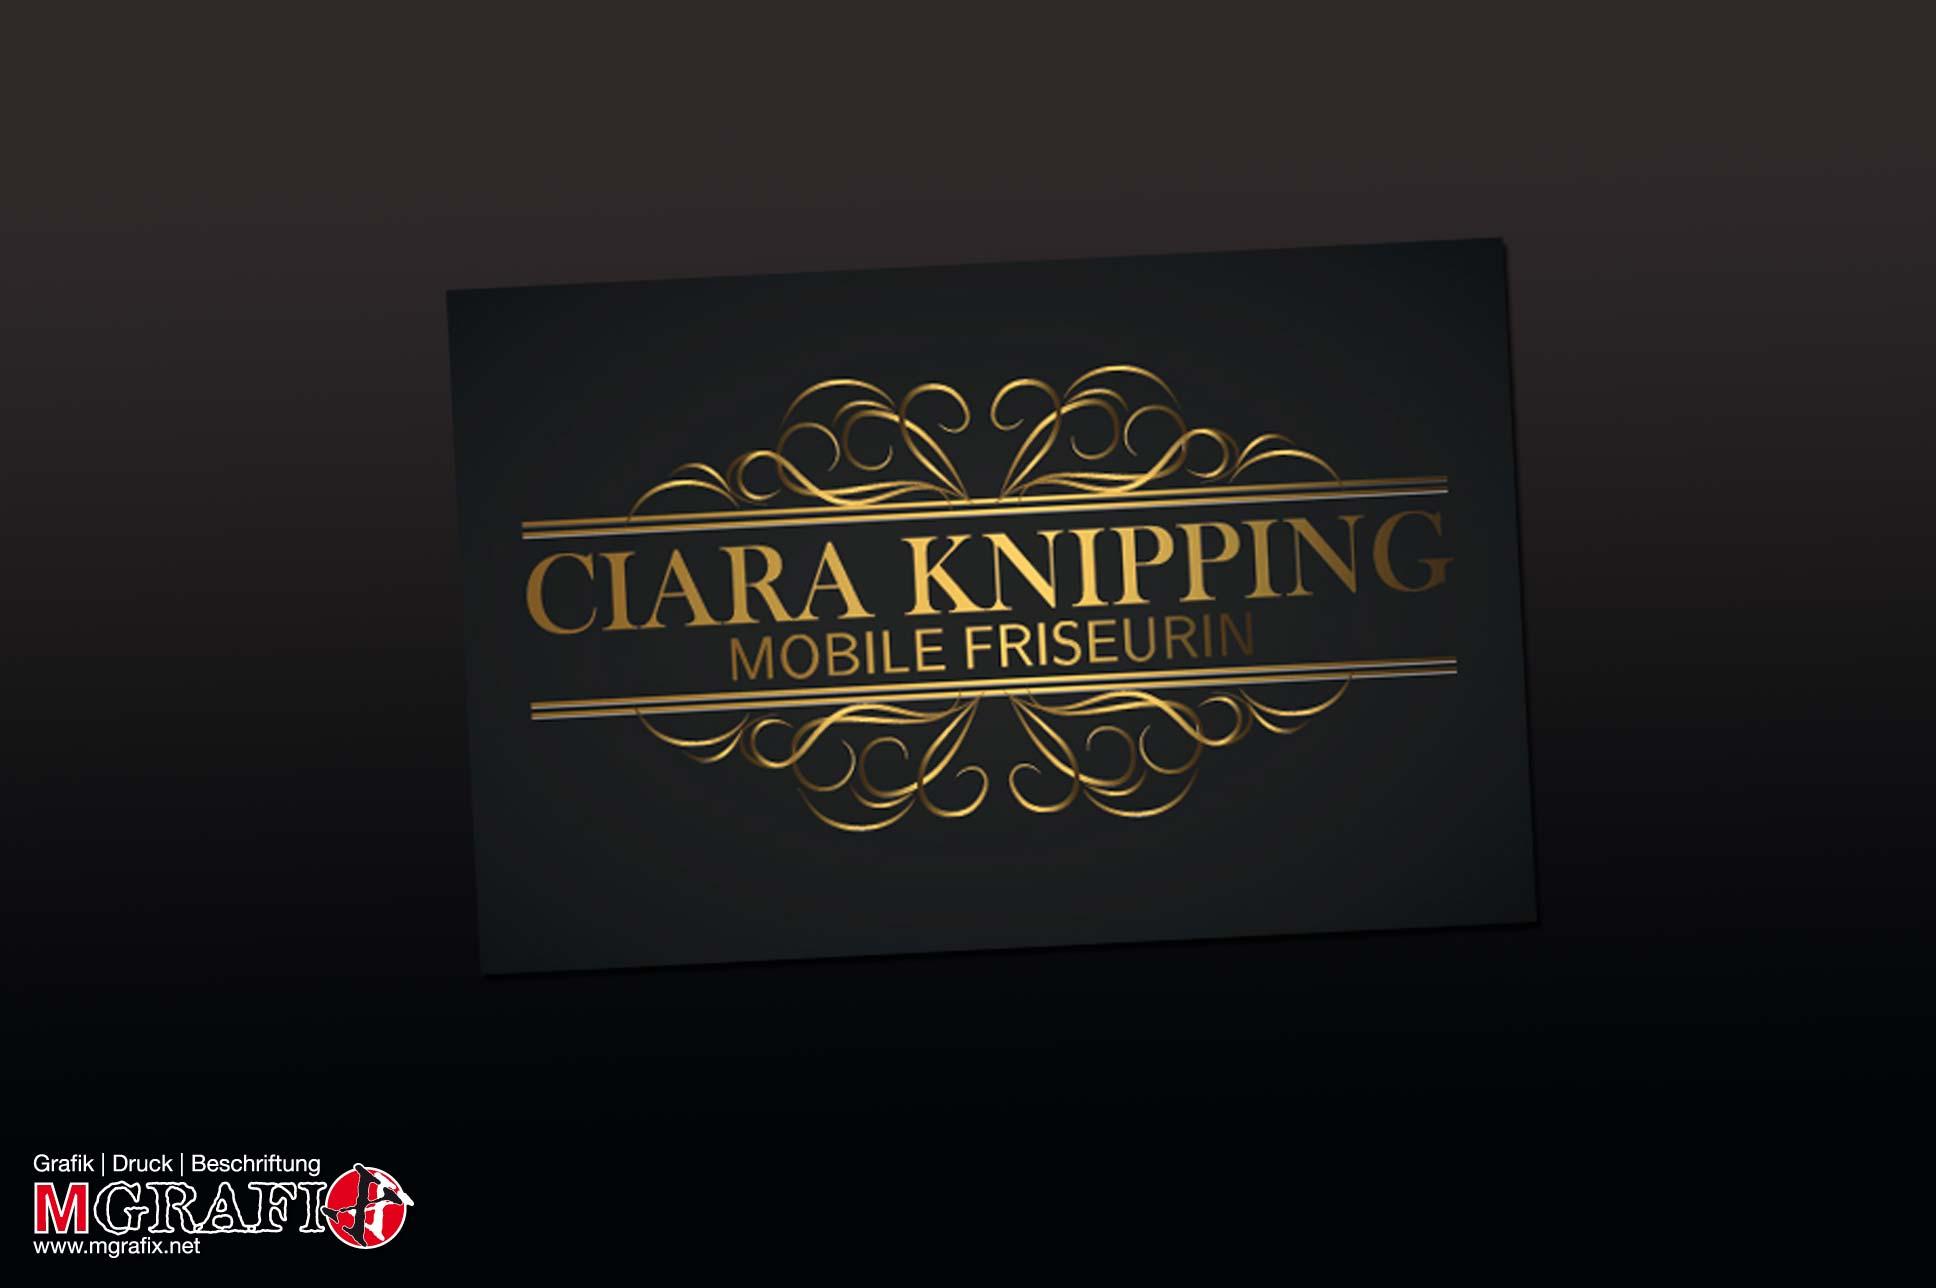 Logoentwurf für Ciara Knipping